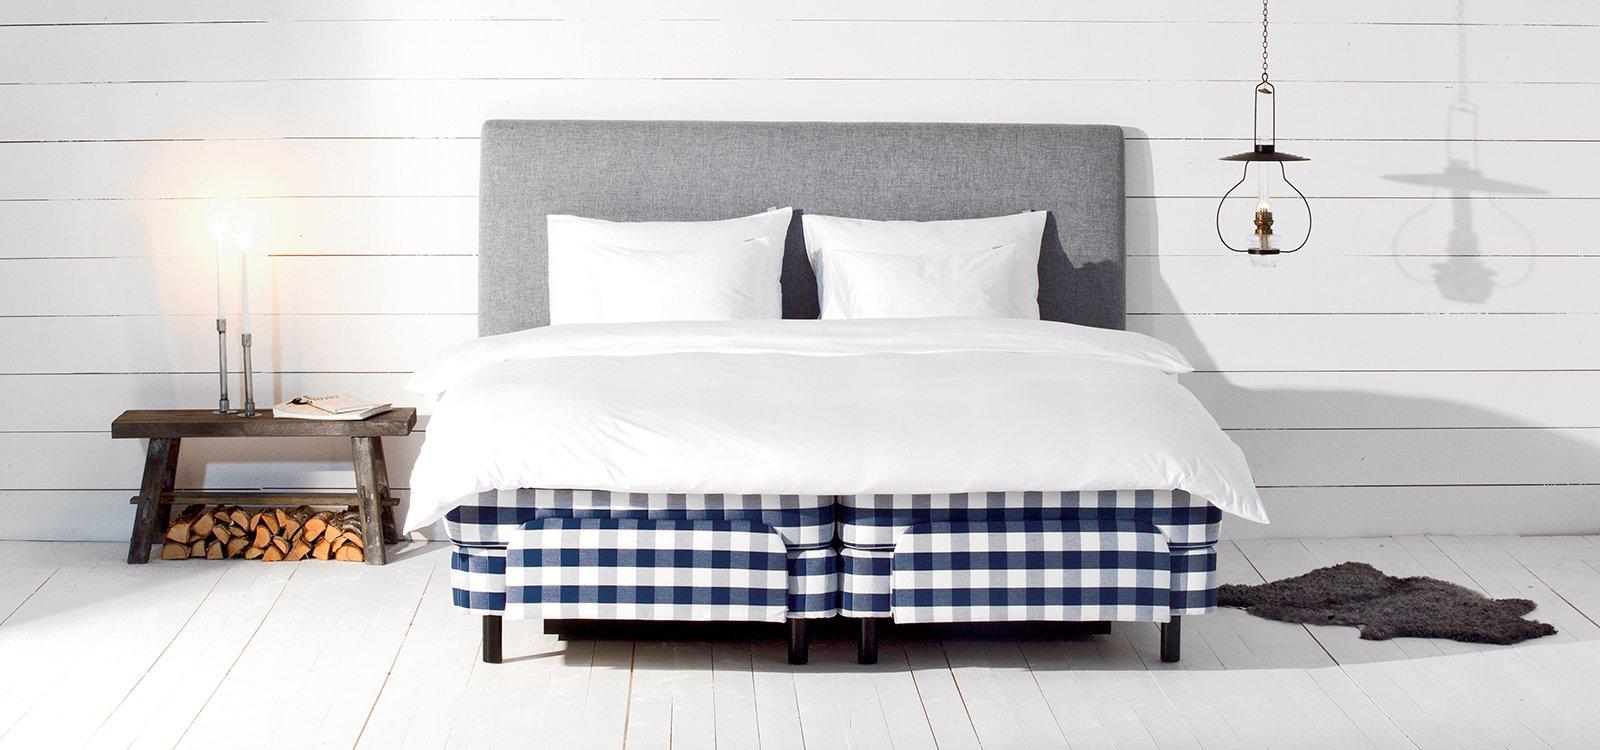 Hästens las mejores camas del mundo